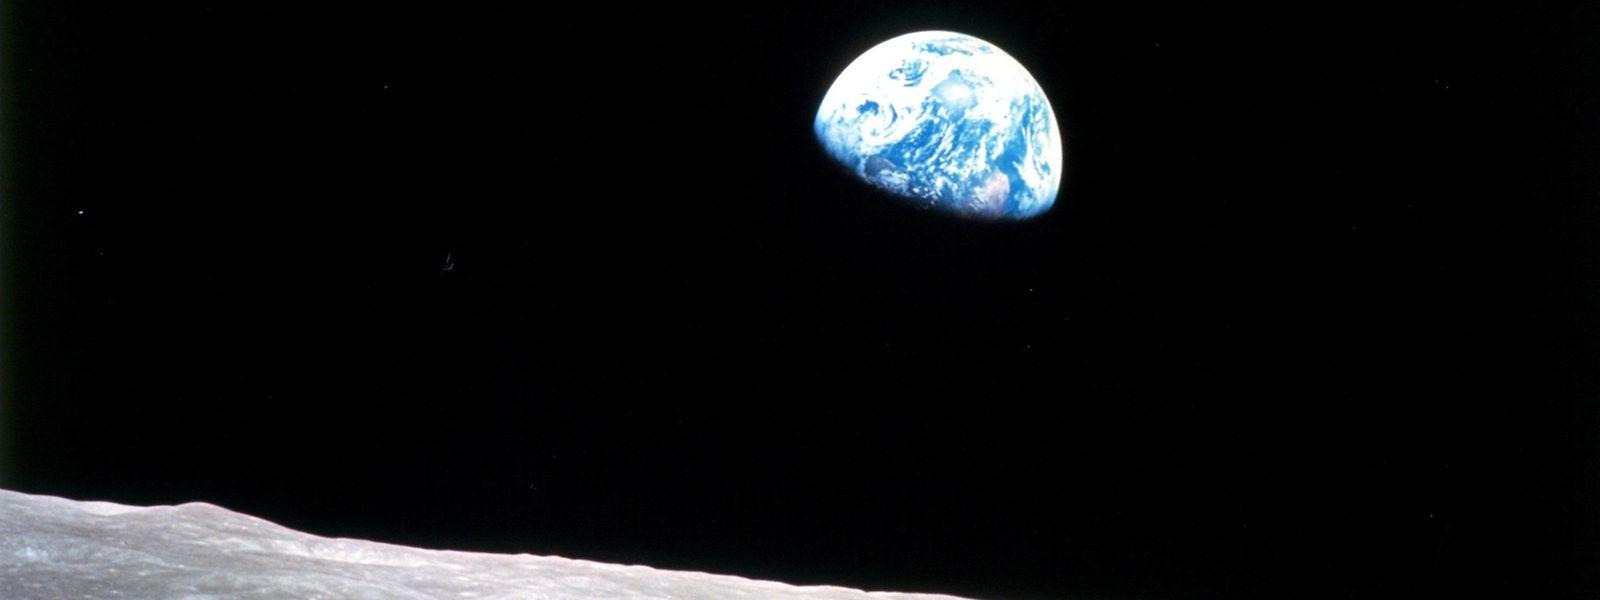 """Am 24. Dezember 1968 machten die Astronauten von Apollo 8 das berühmte Foto """"Earthrise""""."""